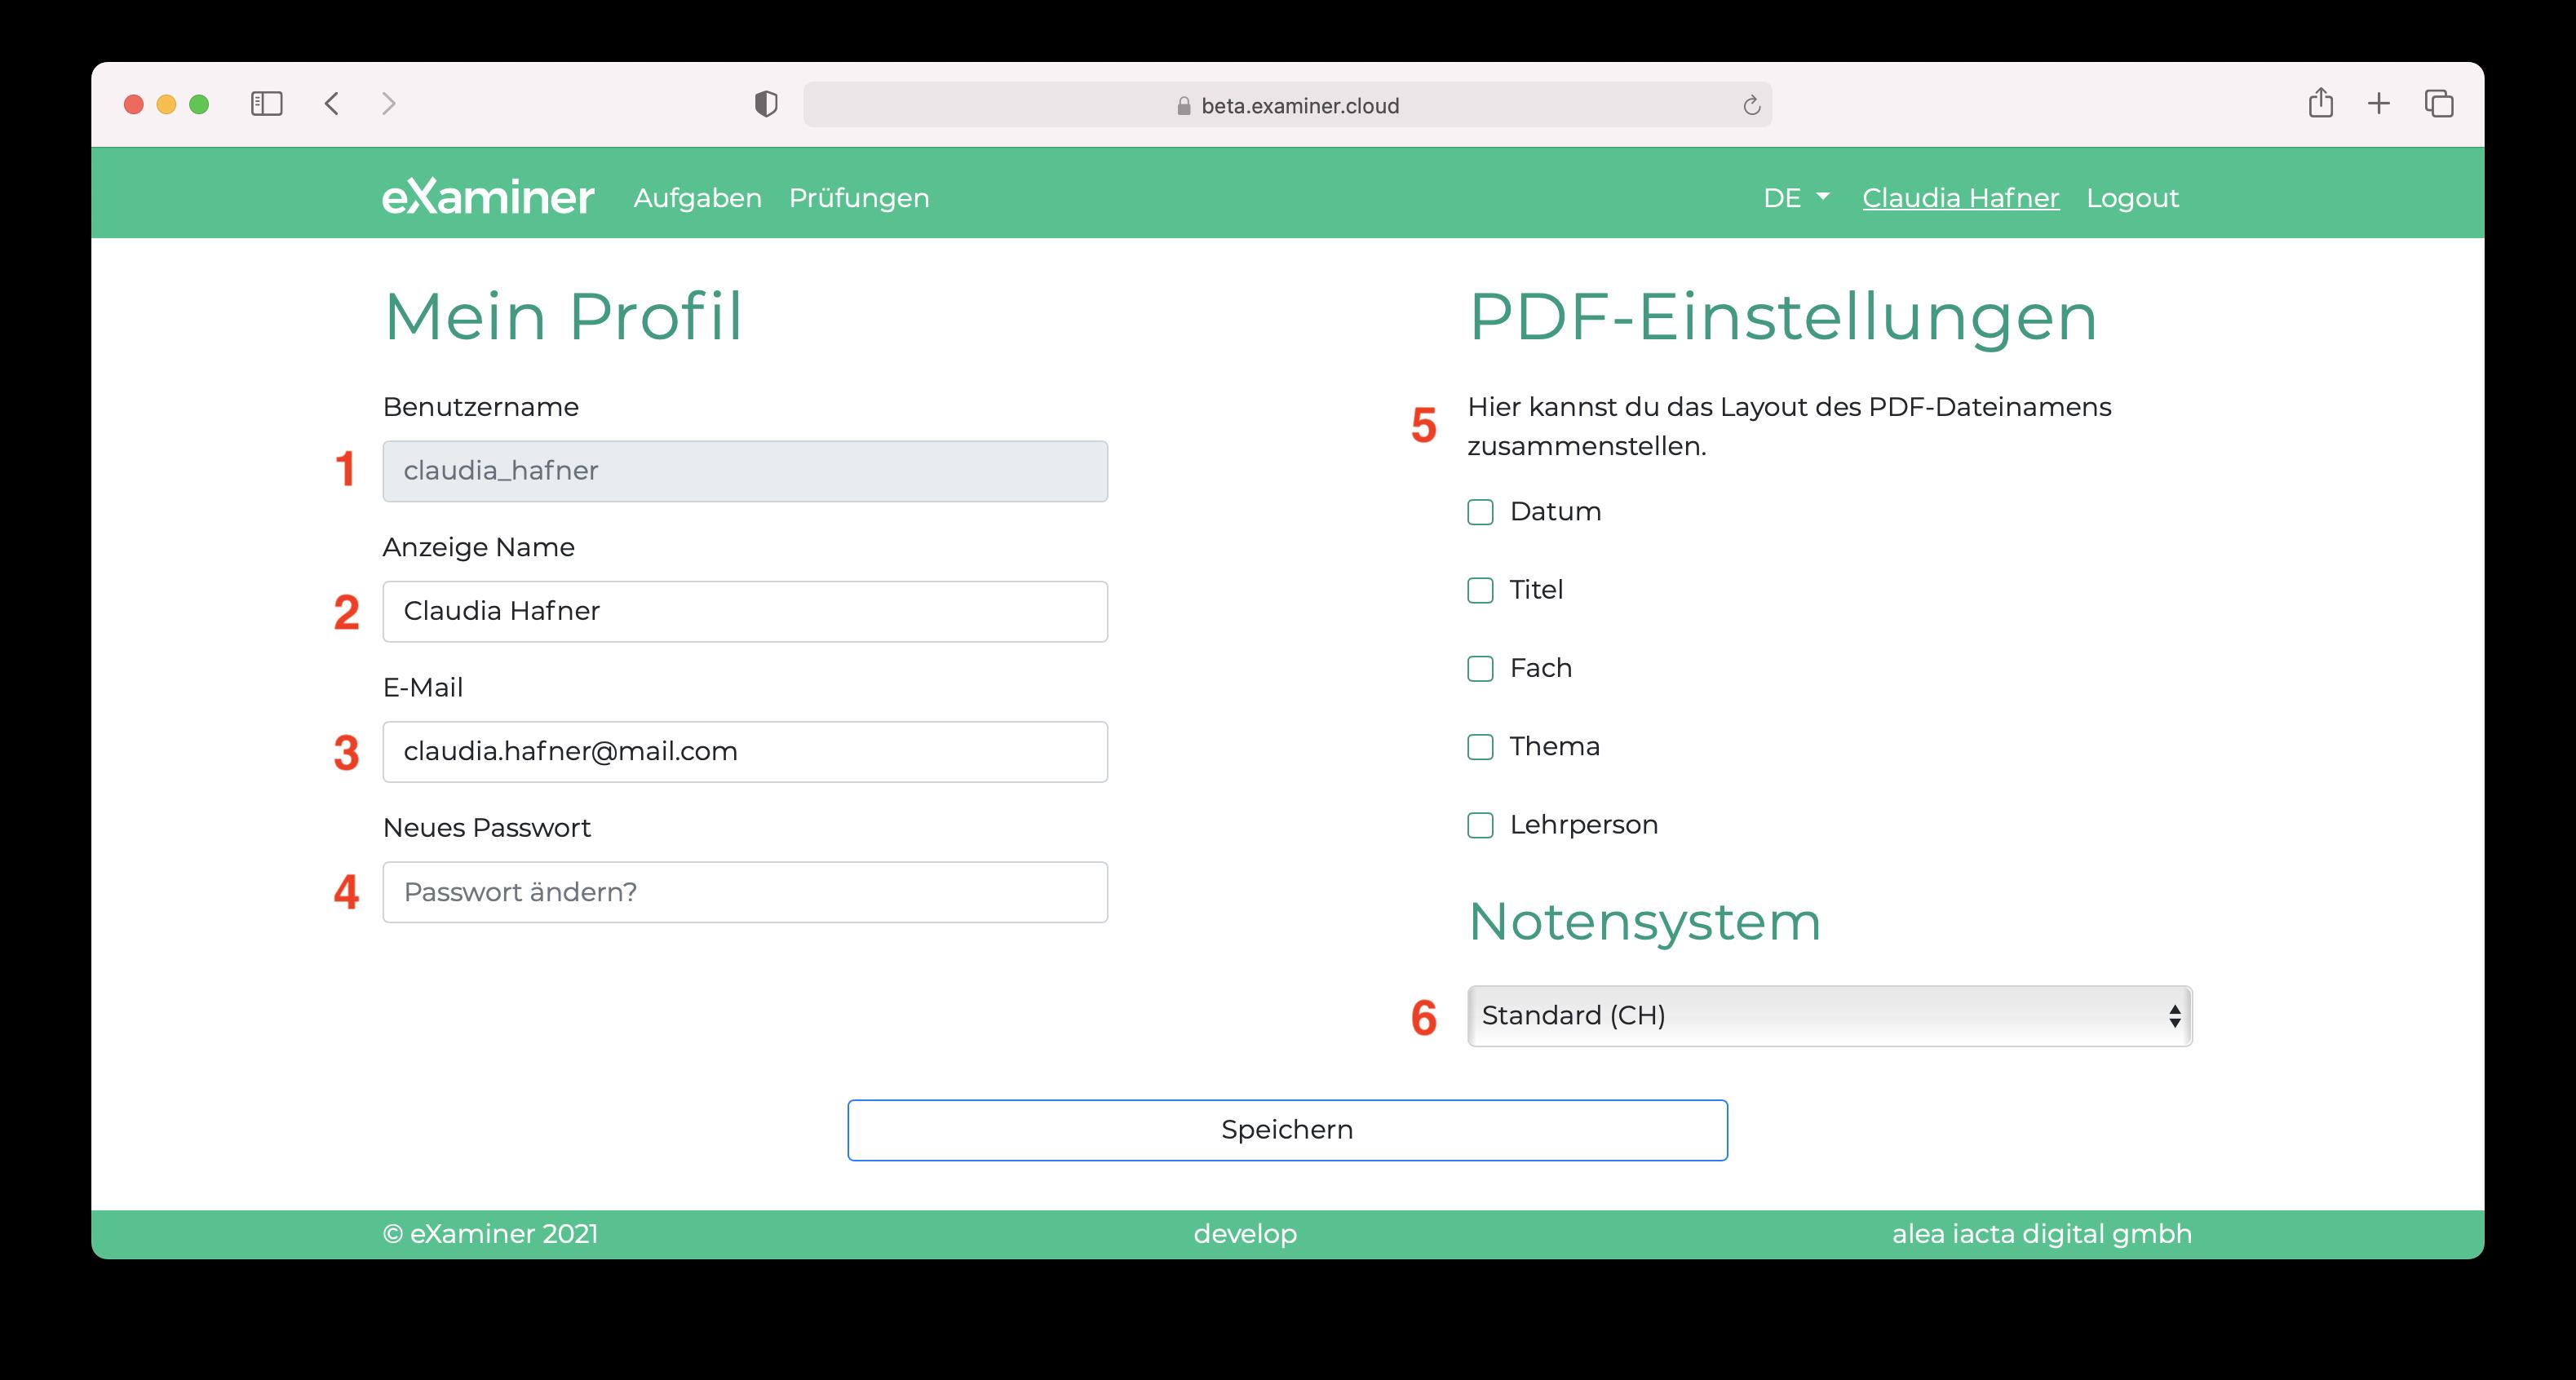 """Screenshot der Einstellungen im """"Mein Profil""""."""